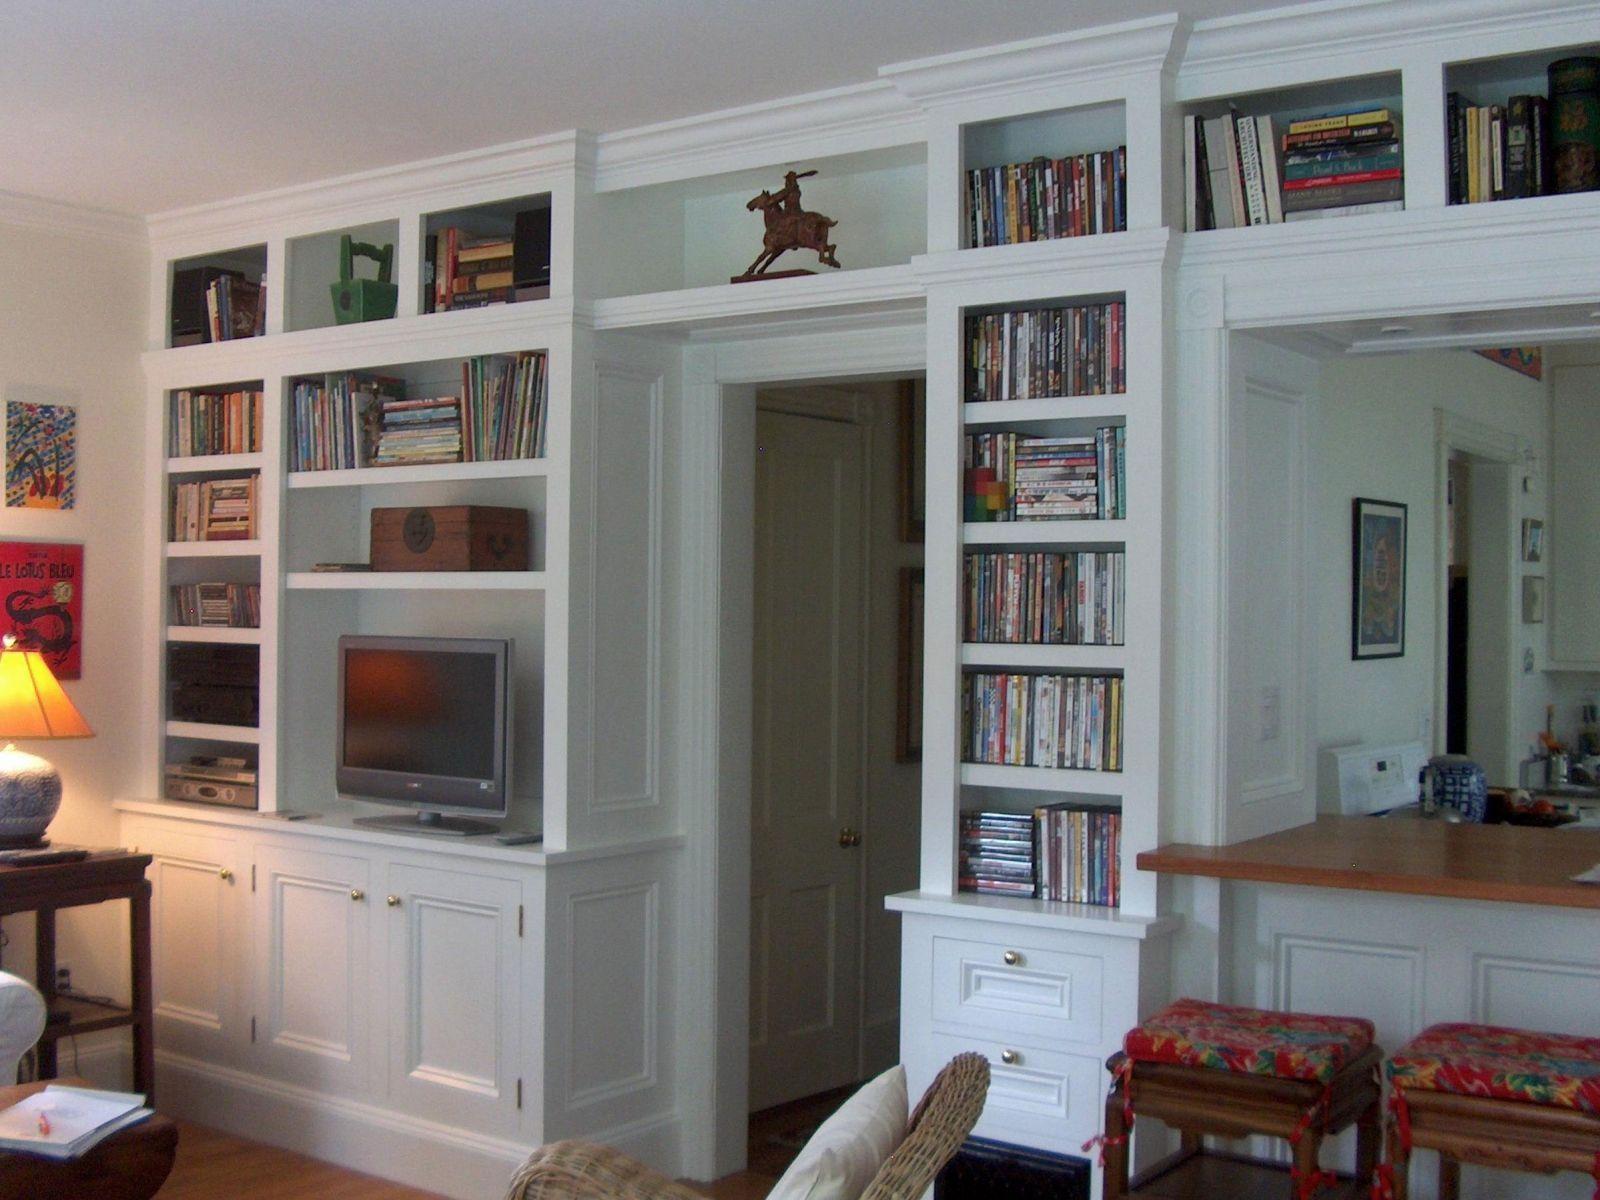 op maat gemaakte klassieke boekenkast die om de deur heen loopt kijk zon boekenkast zou ik ook willen hebben in mijn huis het doet me denken aan oude